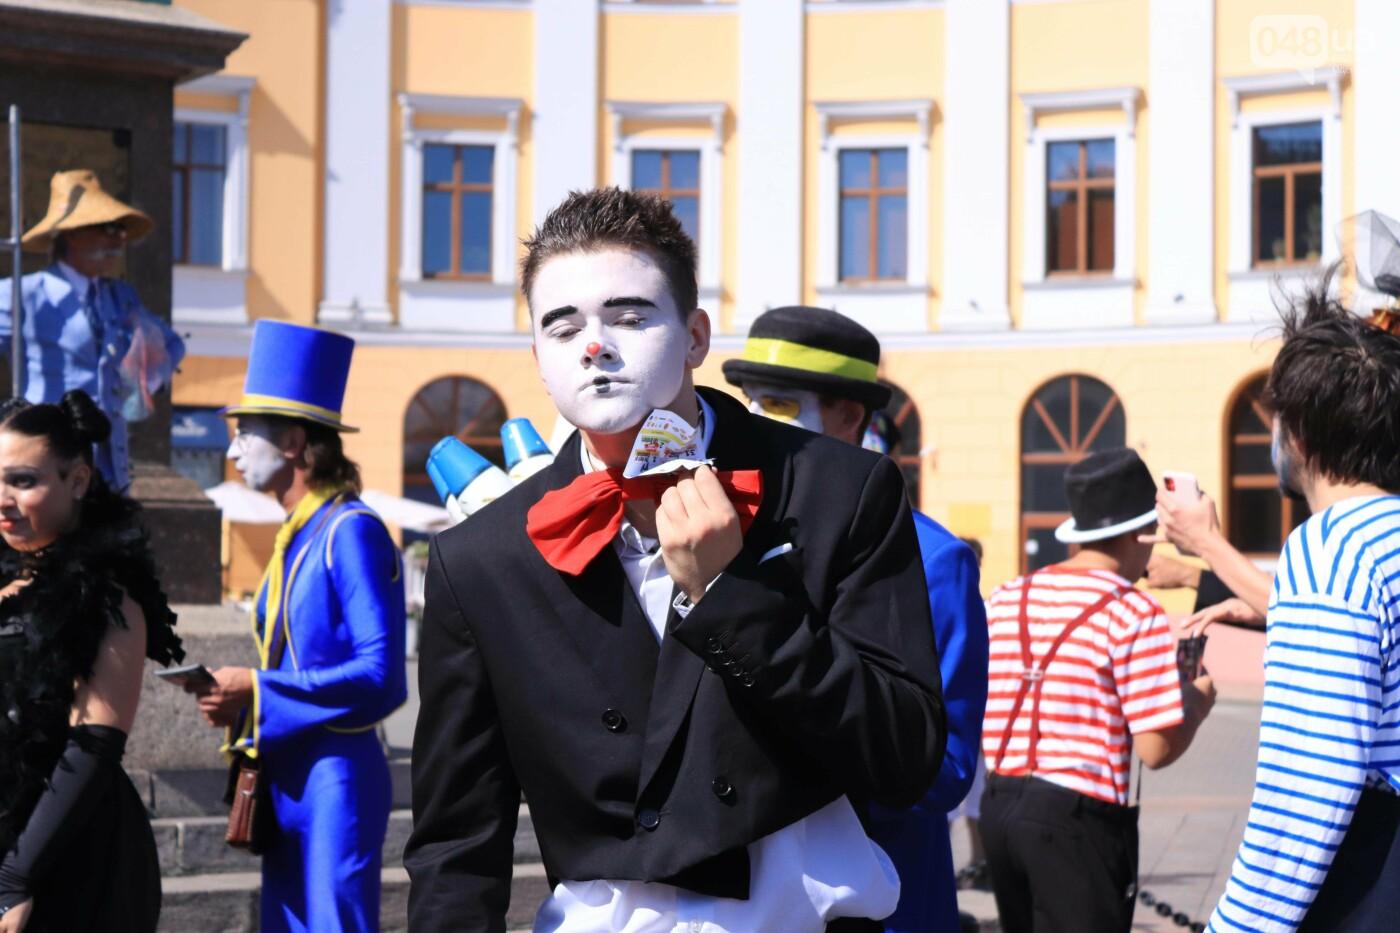 Парад клоунов в Одессе: яркая колонна шла от Дюка в Горсад, - ФОТО, ВИДЕО, СТРИМ, фото-18